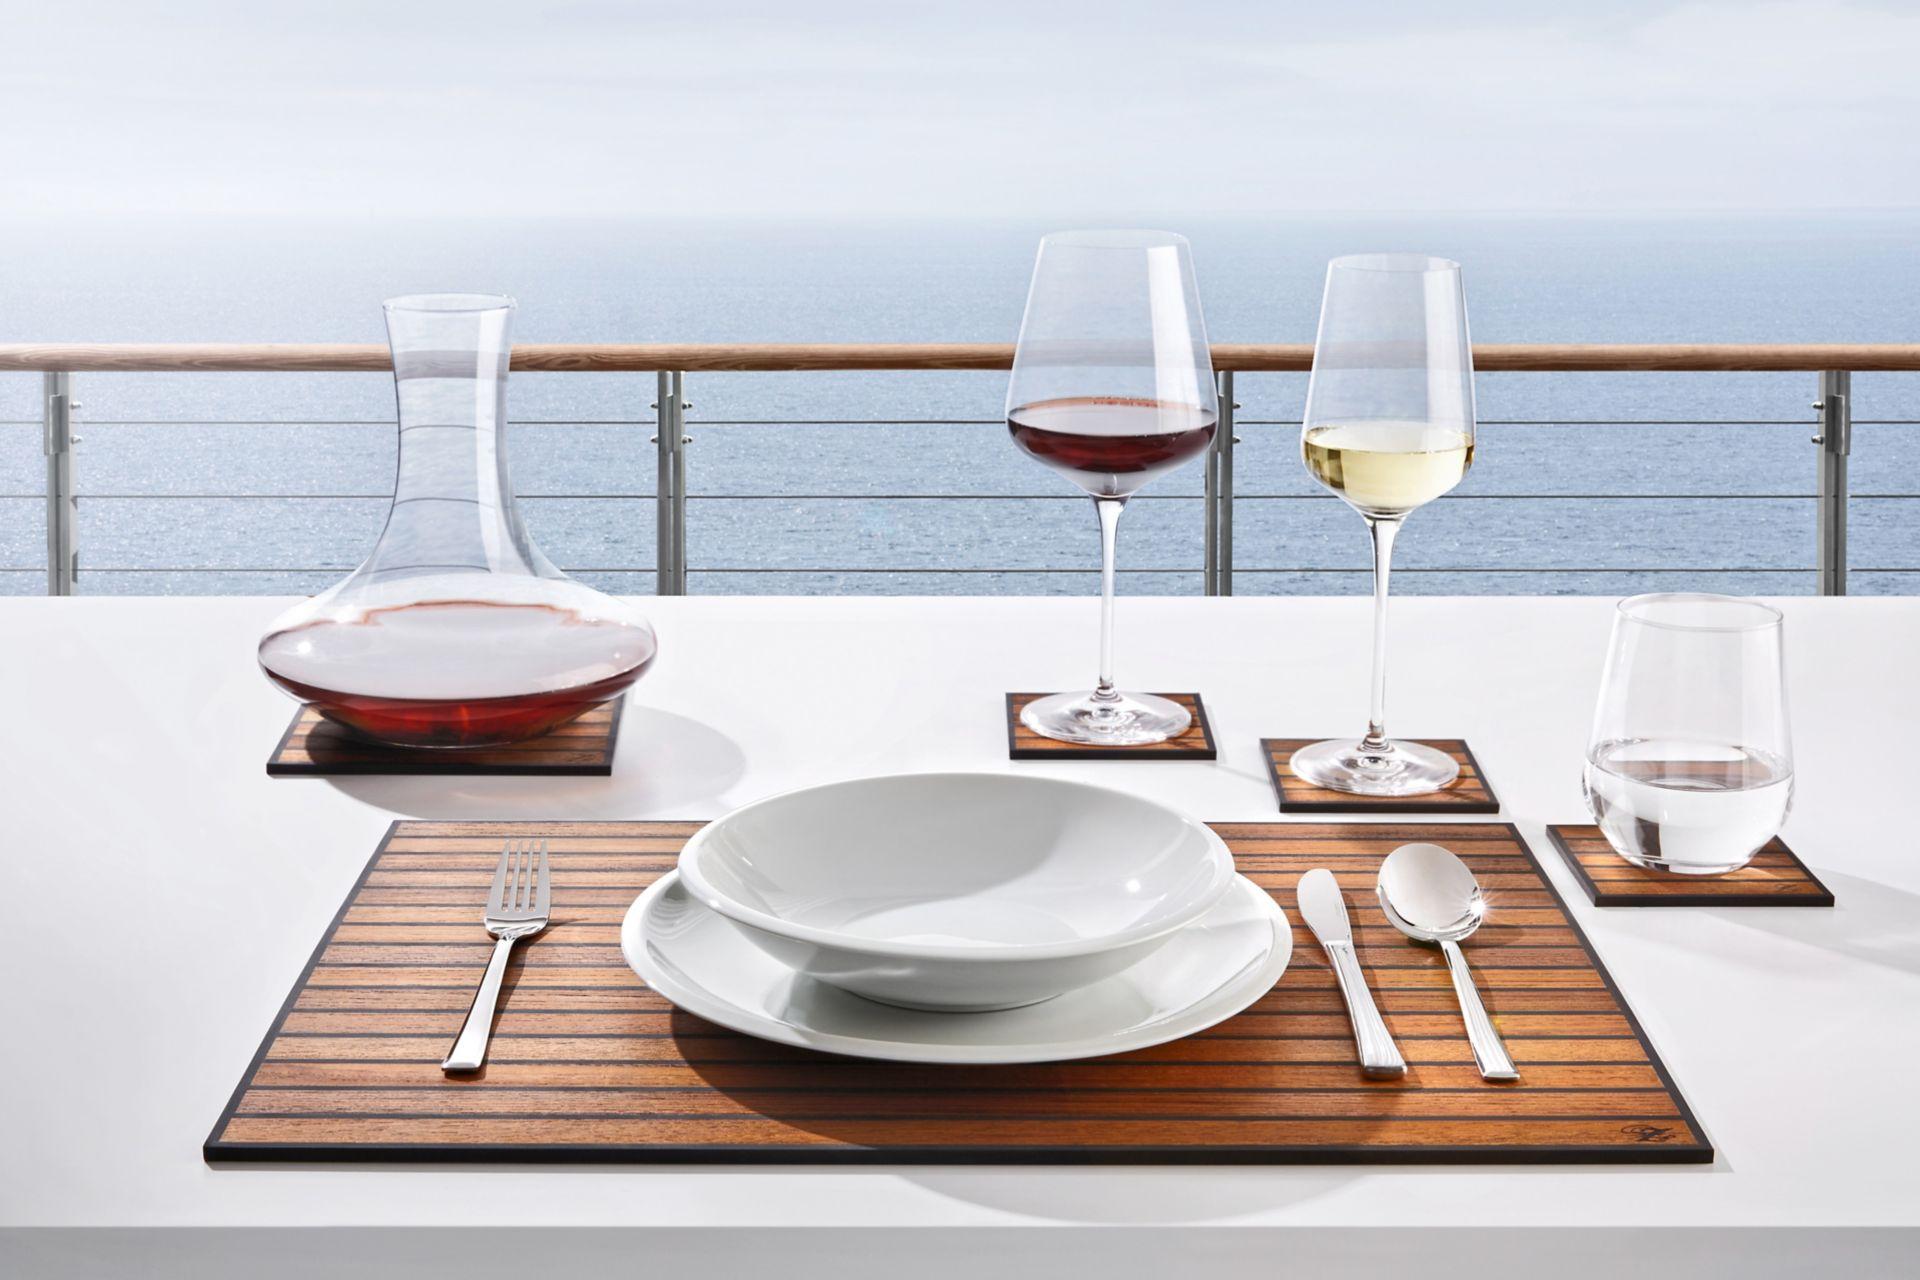 Das Luxus-Platzset und die Getränkeuntersetzer im edlen Design